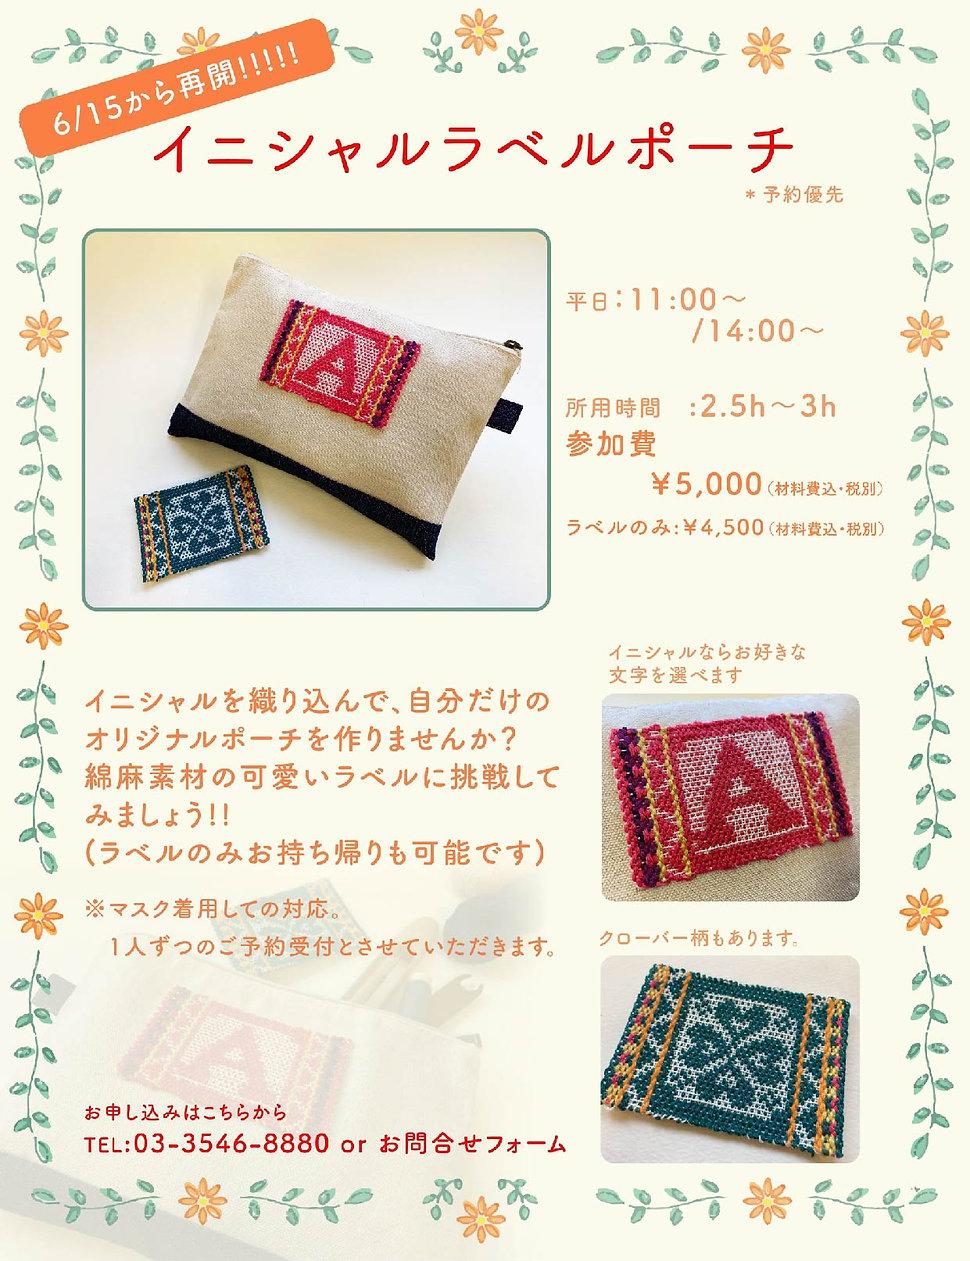 イニシャルポーチWS-02-min-01.jpg